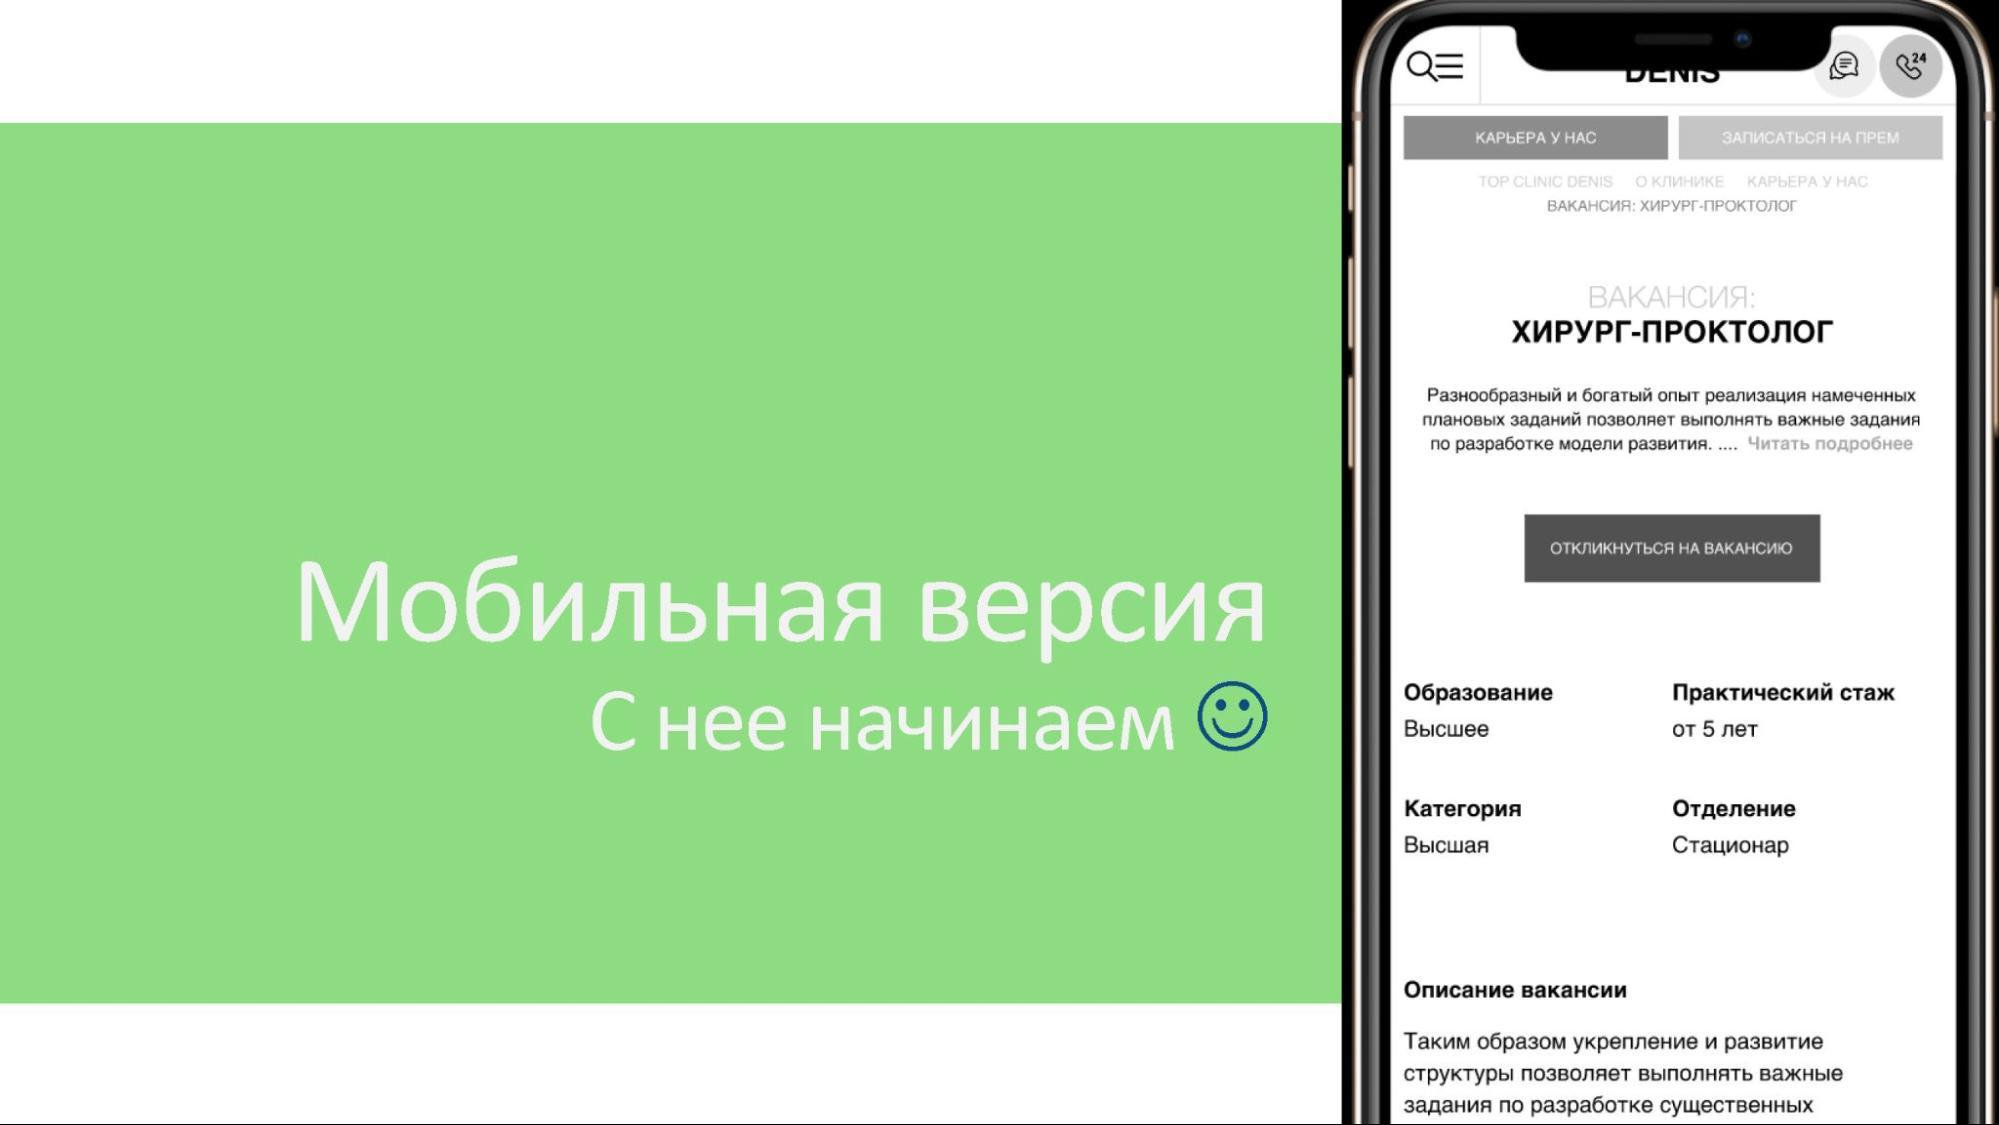 Начинаем с мобильной версии сайта